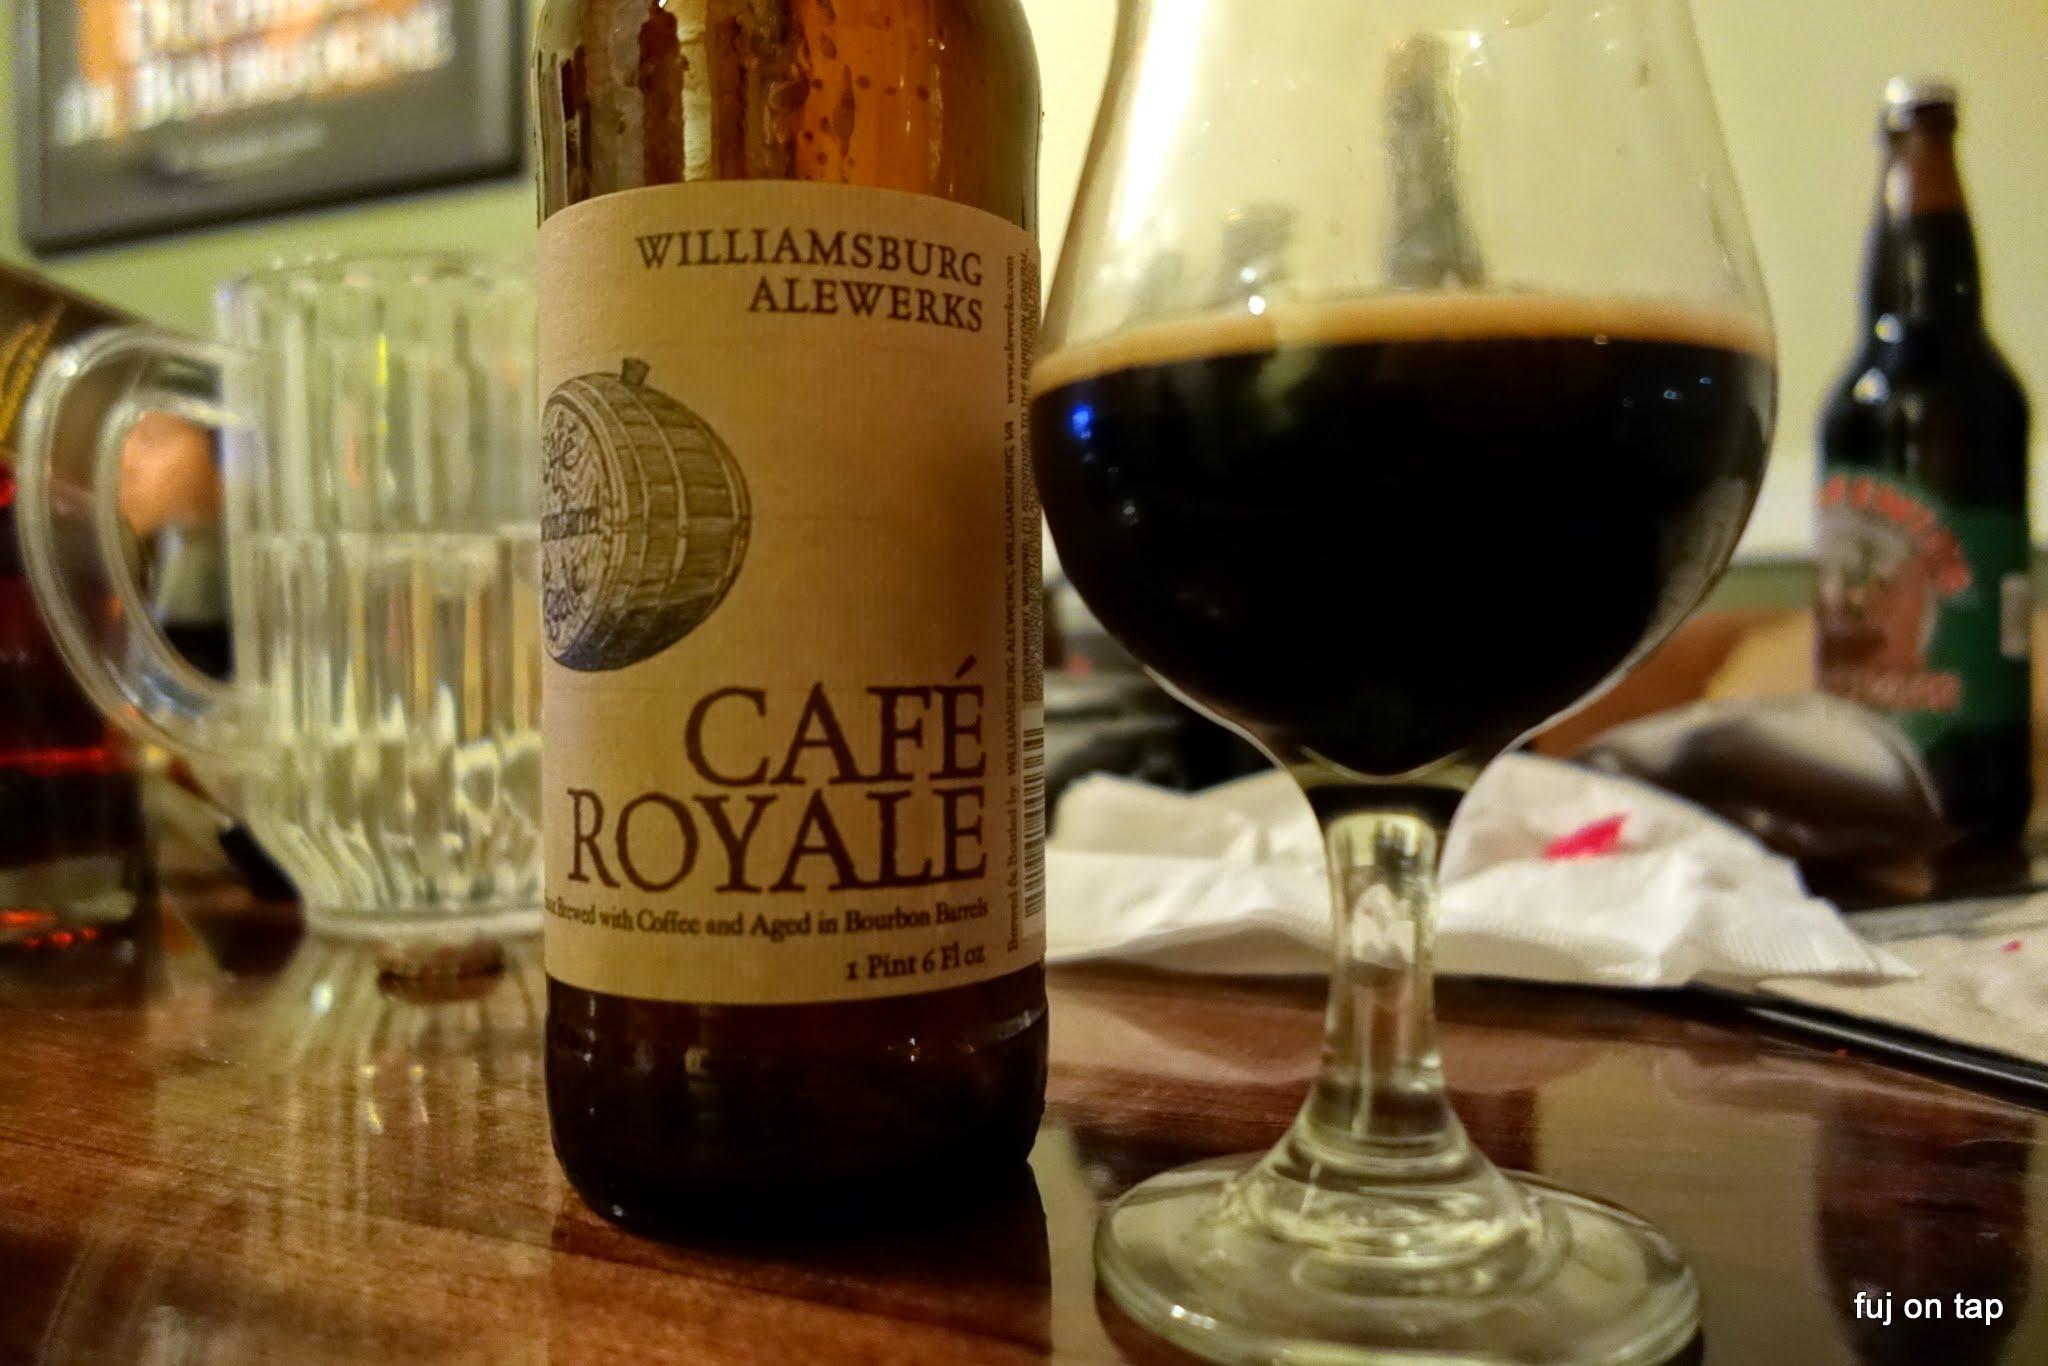 Williamsburg Aleworks Cafe Royale